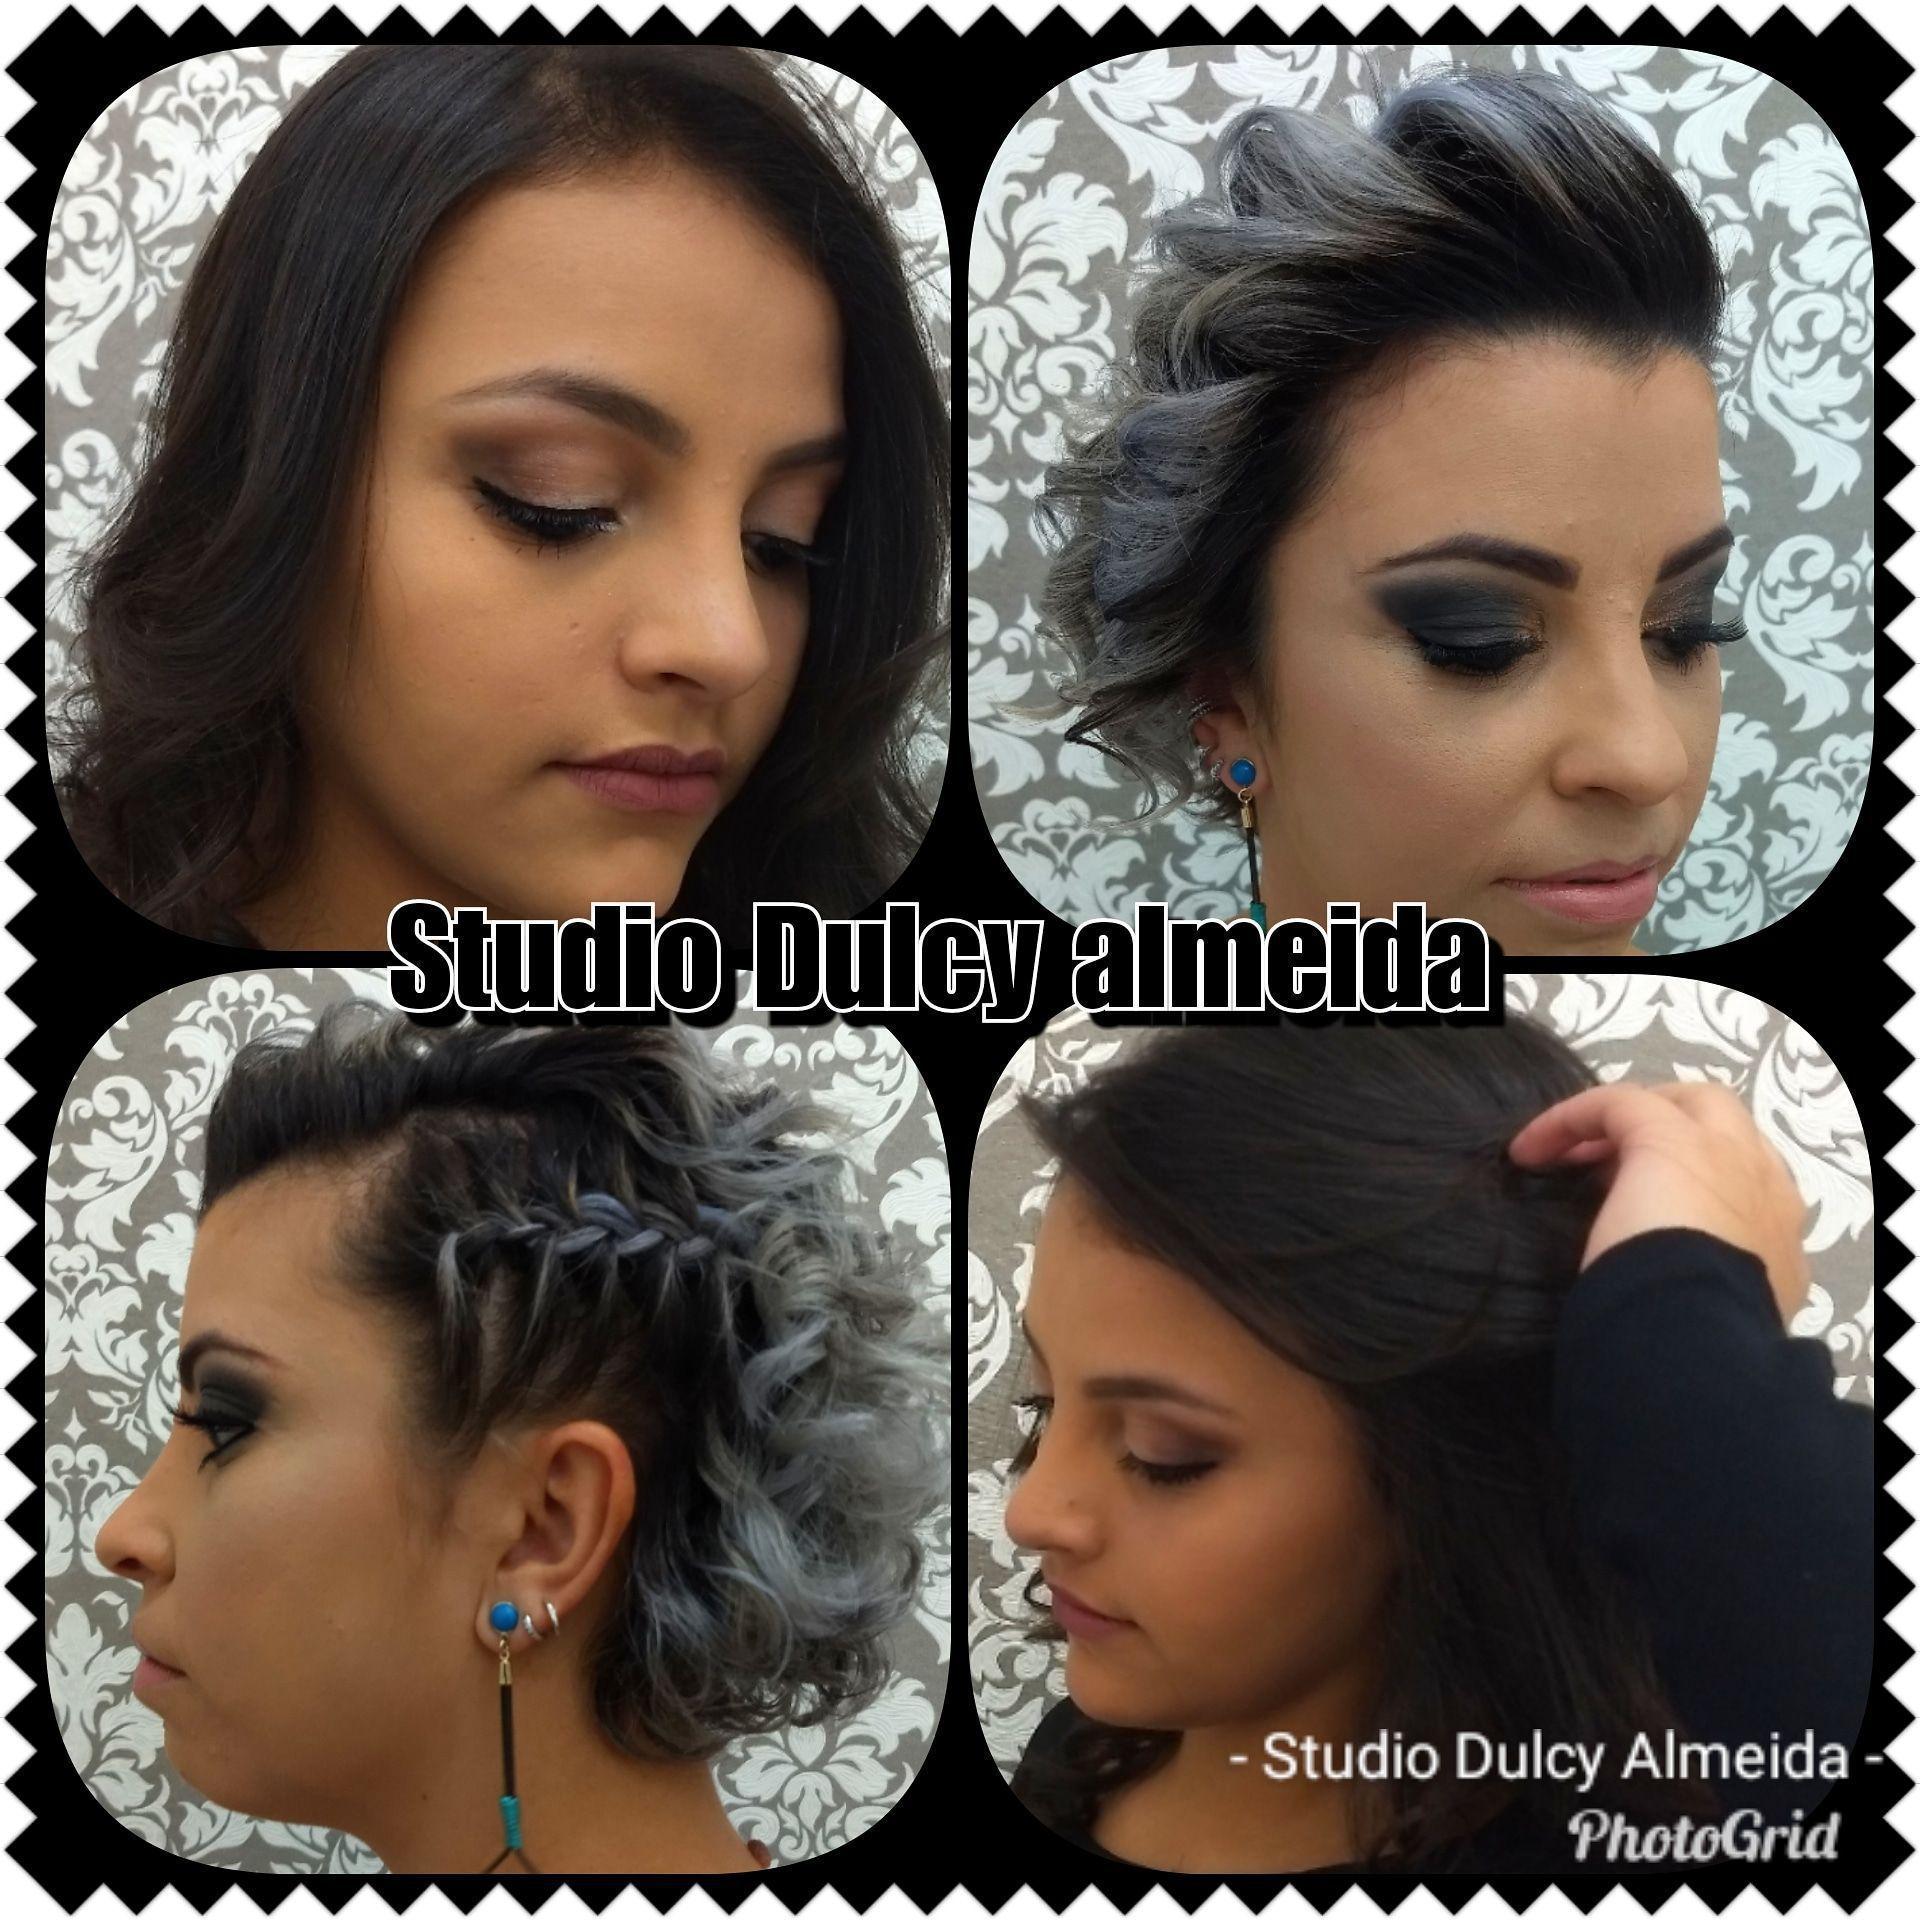 Penteados. / Maquete - up maquiagem stylist / visagista empresário(a) maquiador(a) designer de sobrancelhas dermopigmentador(a) estudante cabeleireiro(a) coordenador(a) consultor(a) estudante (visagista) aromaterapeuta outros